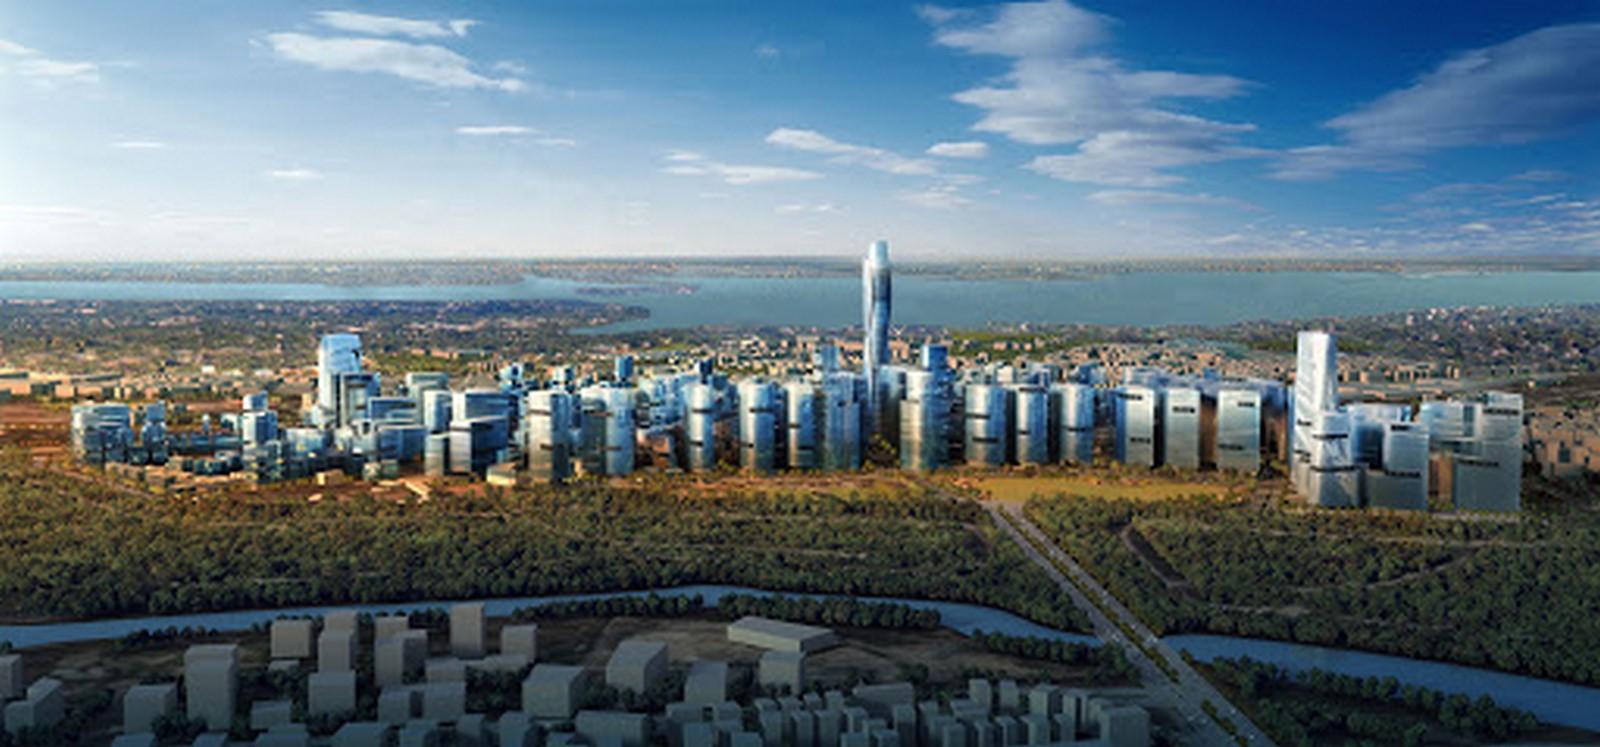 Mumbai Master Plan, Dharavi, mumbai - Sheet2